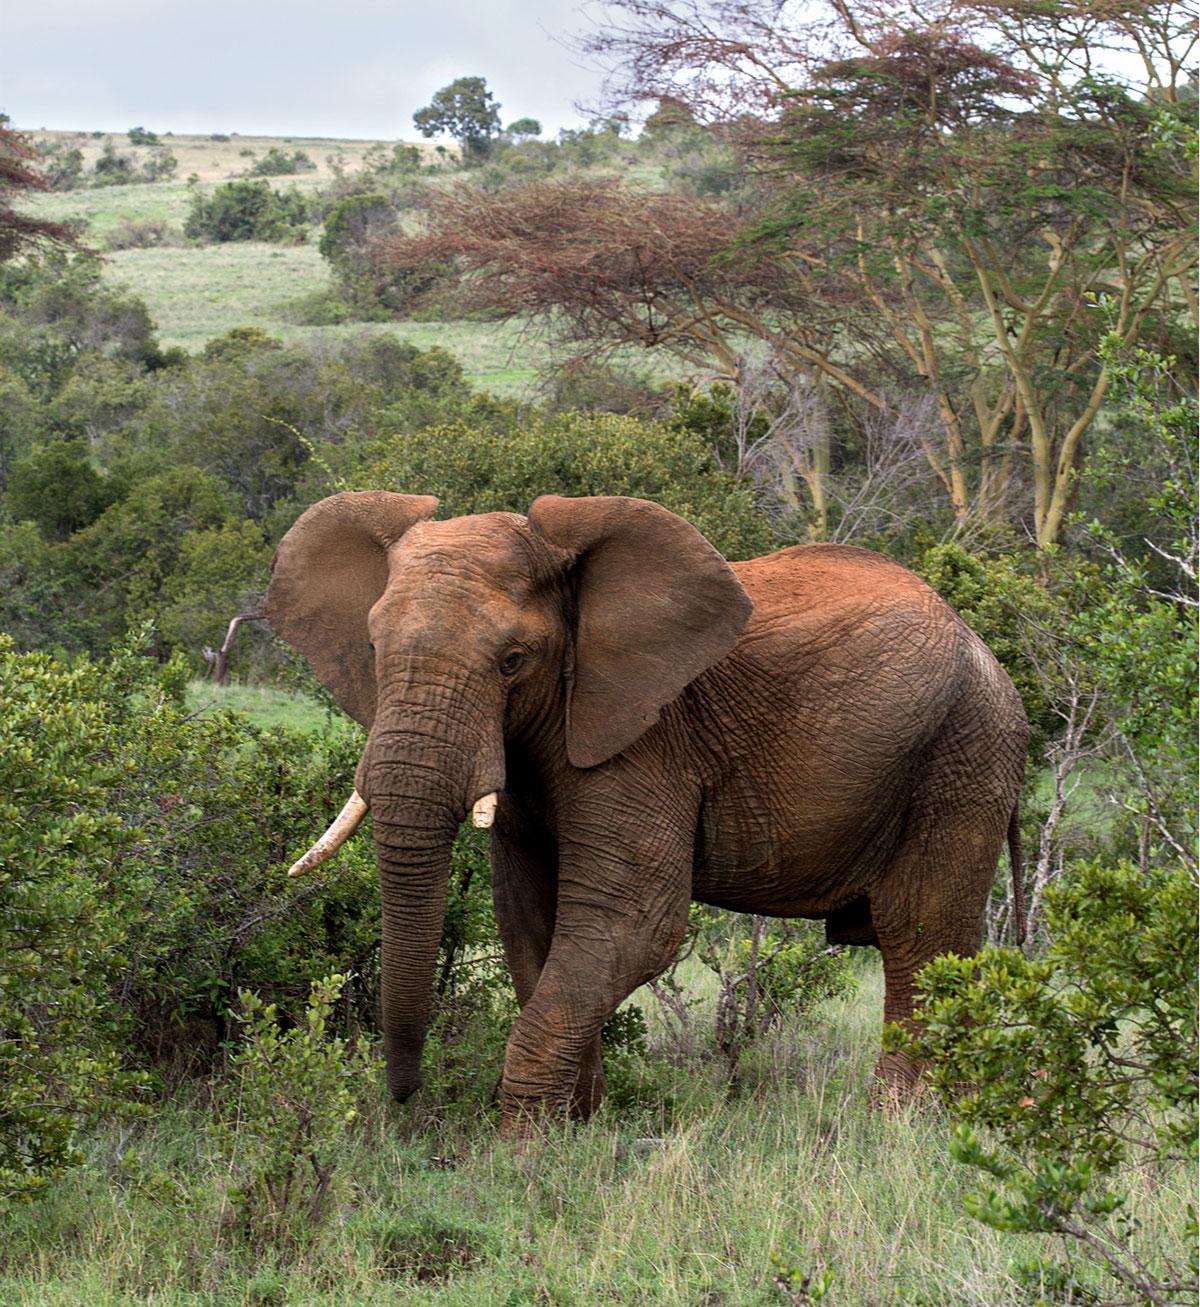 Лодж в Кении, из окон которого можно наблюдать за дикими животными